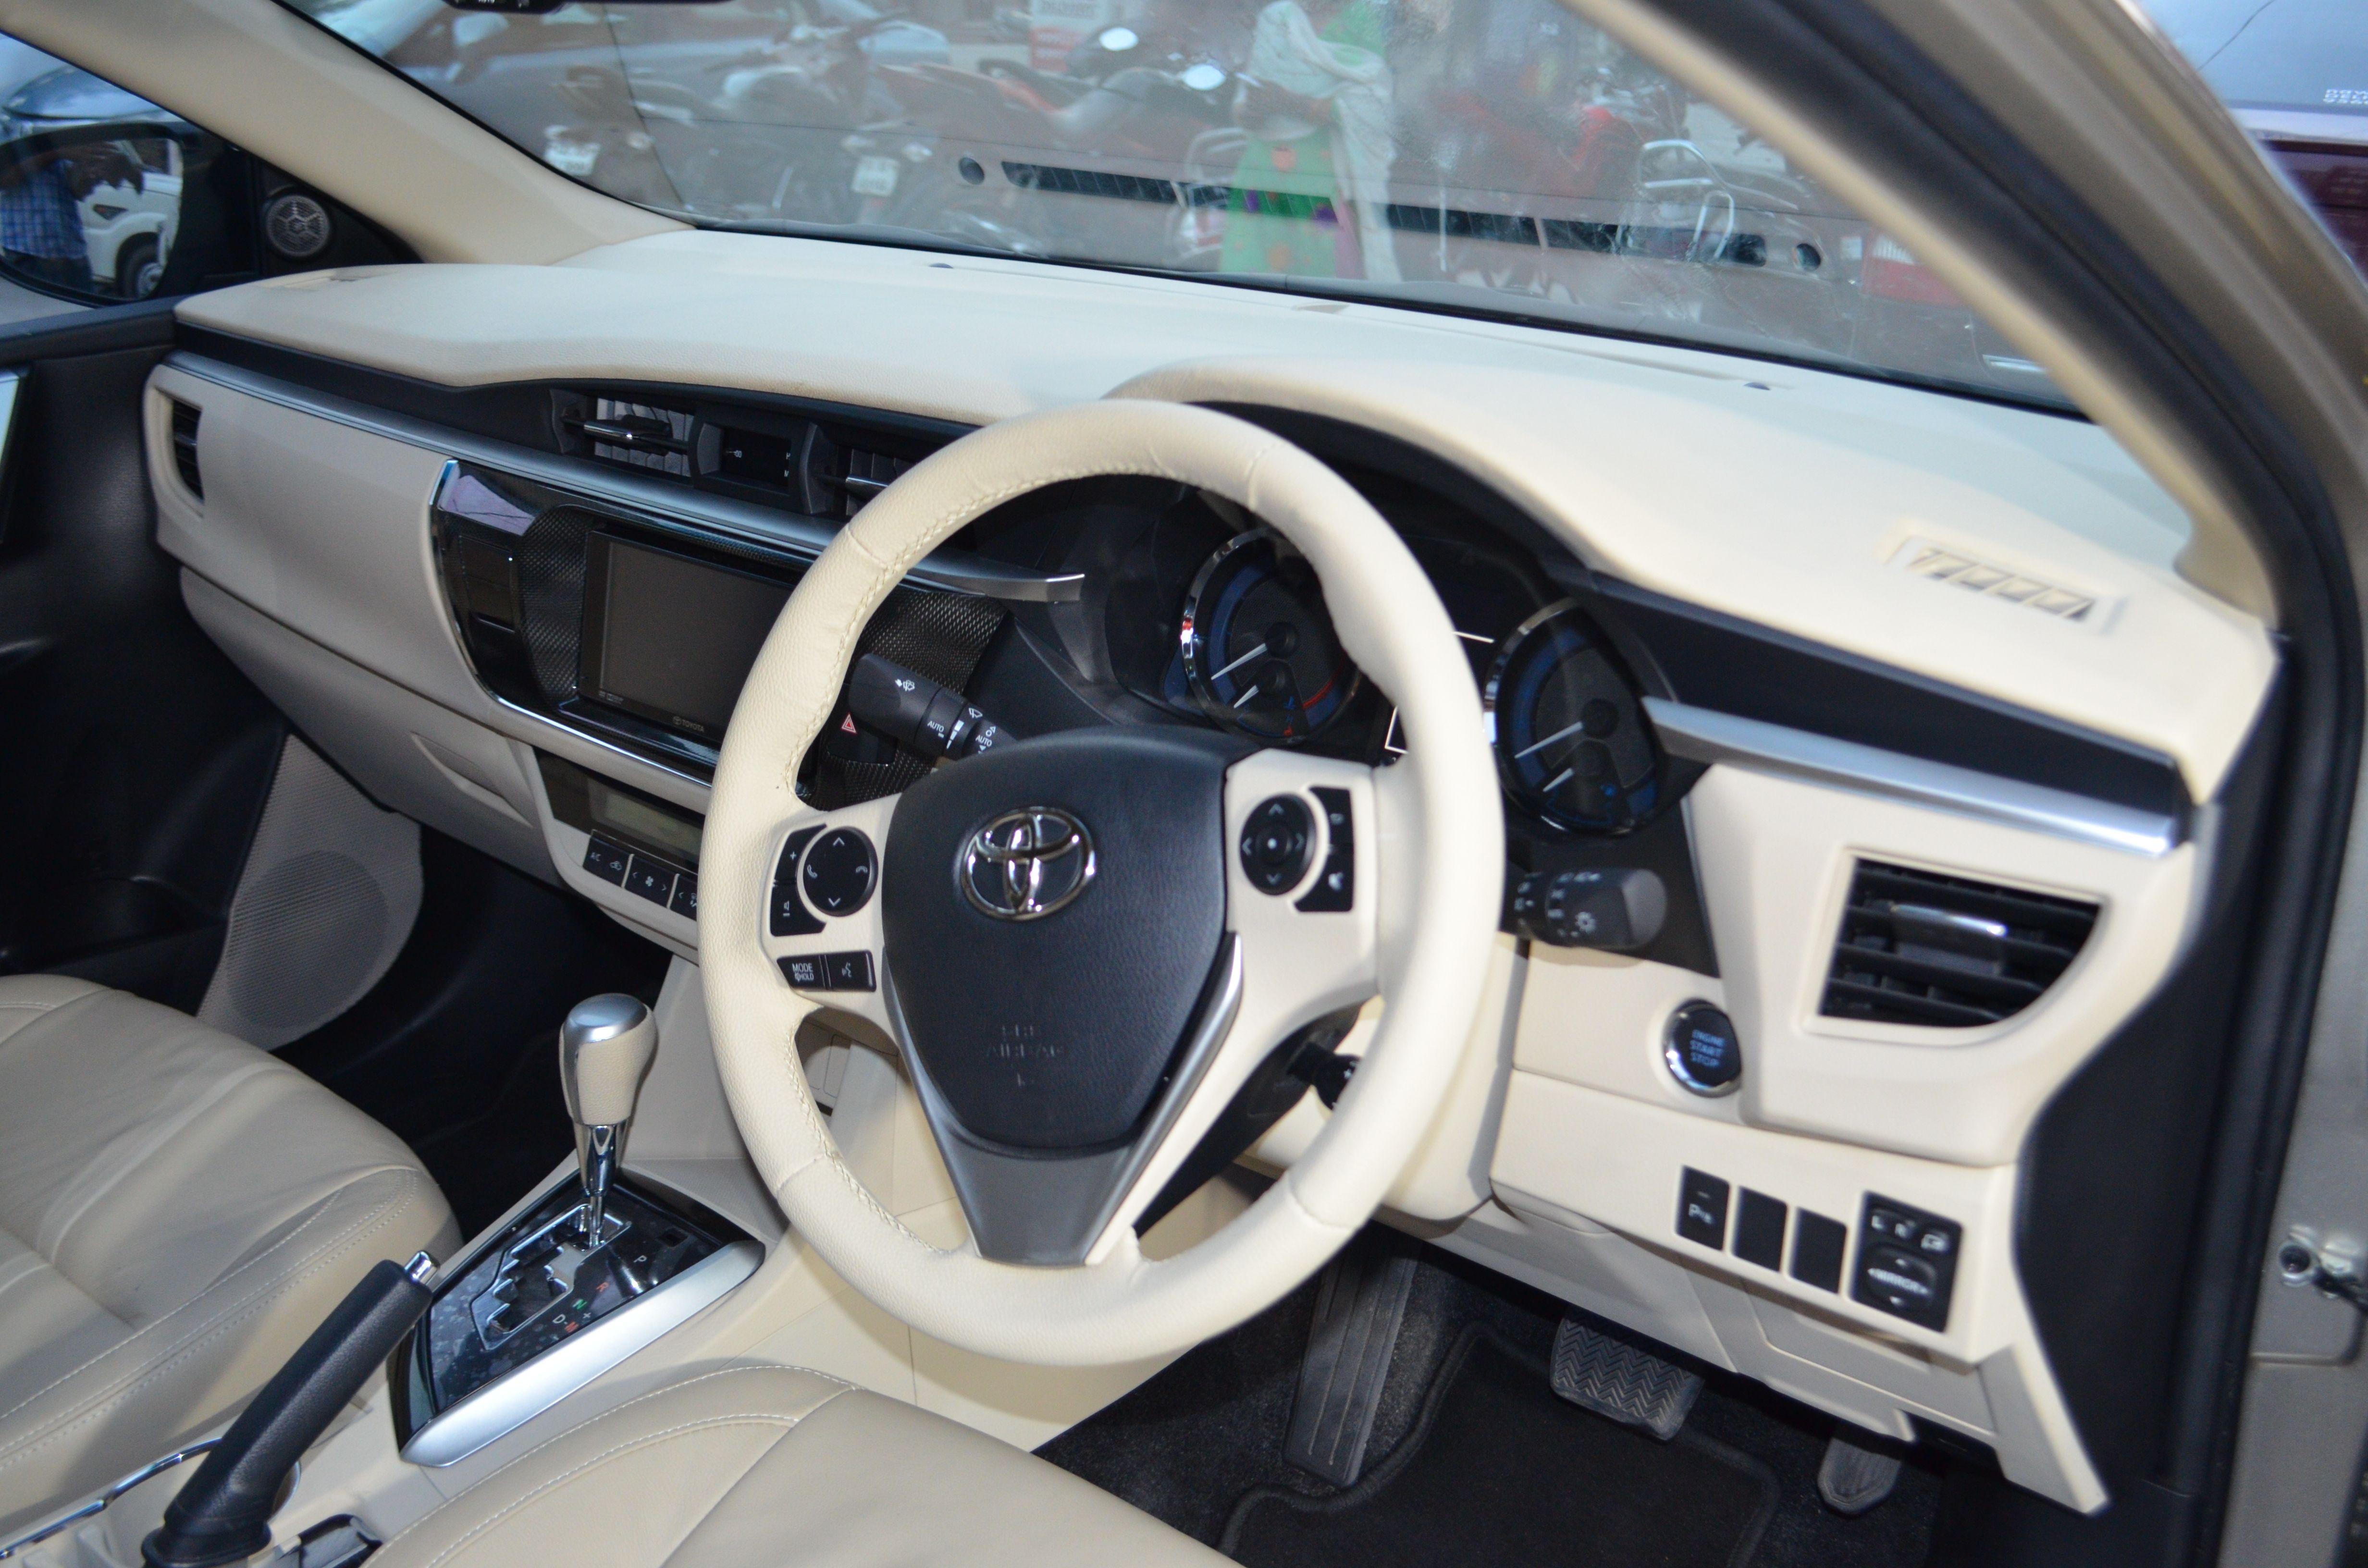 Full Interior Design In Toyota Corolla Altis Shop At Carplus Cardesign Interiordesign Caraccessorie Car Interior Car Interior Accessories Car Accessories